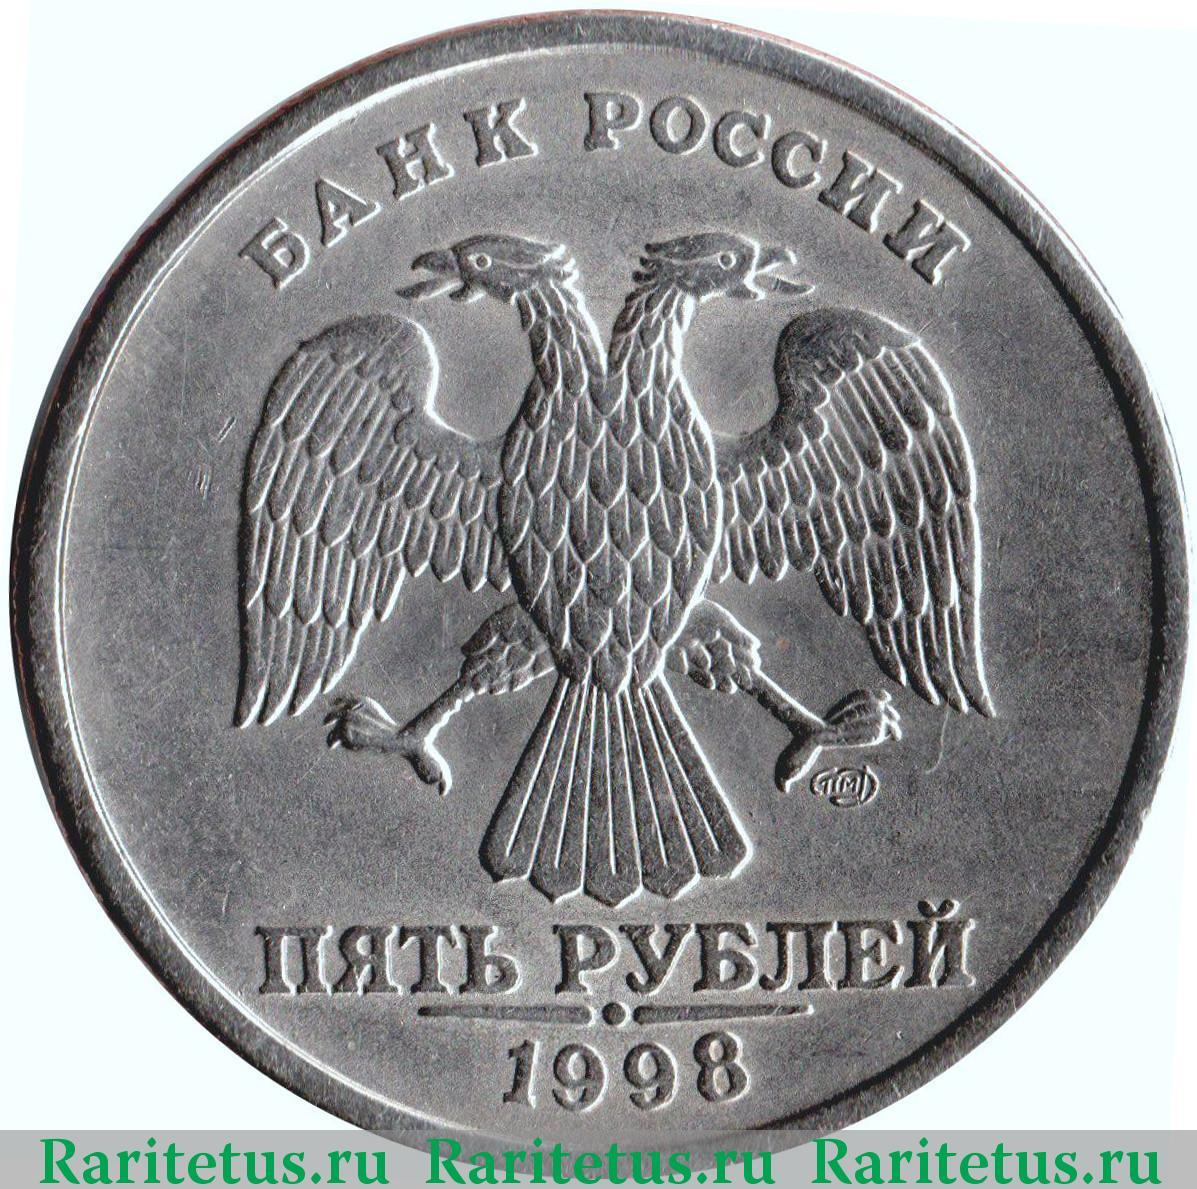 Сколько стоит монета 5 рублей 1998 сколько стоит 50 копеек украинских 2007 года